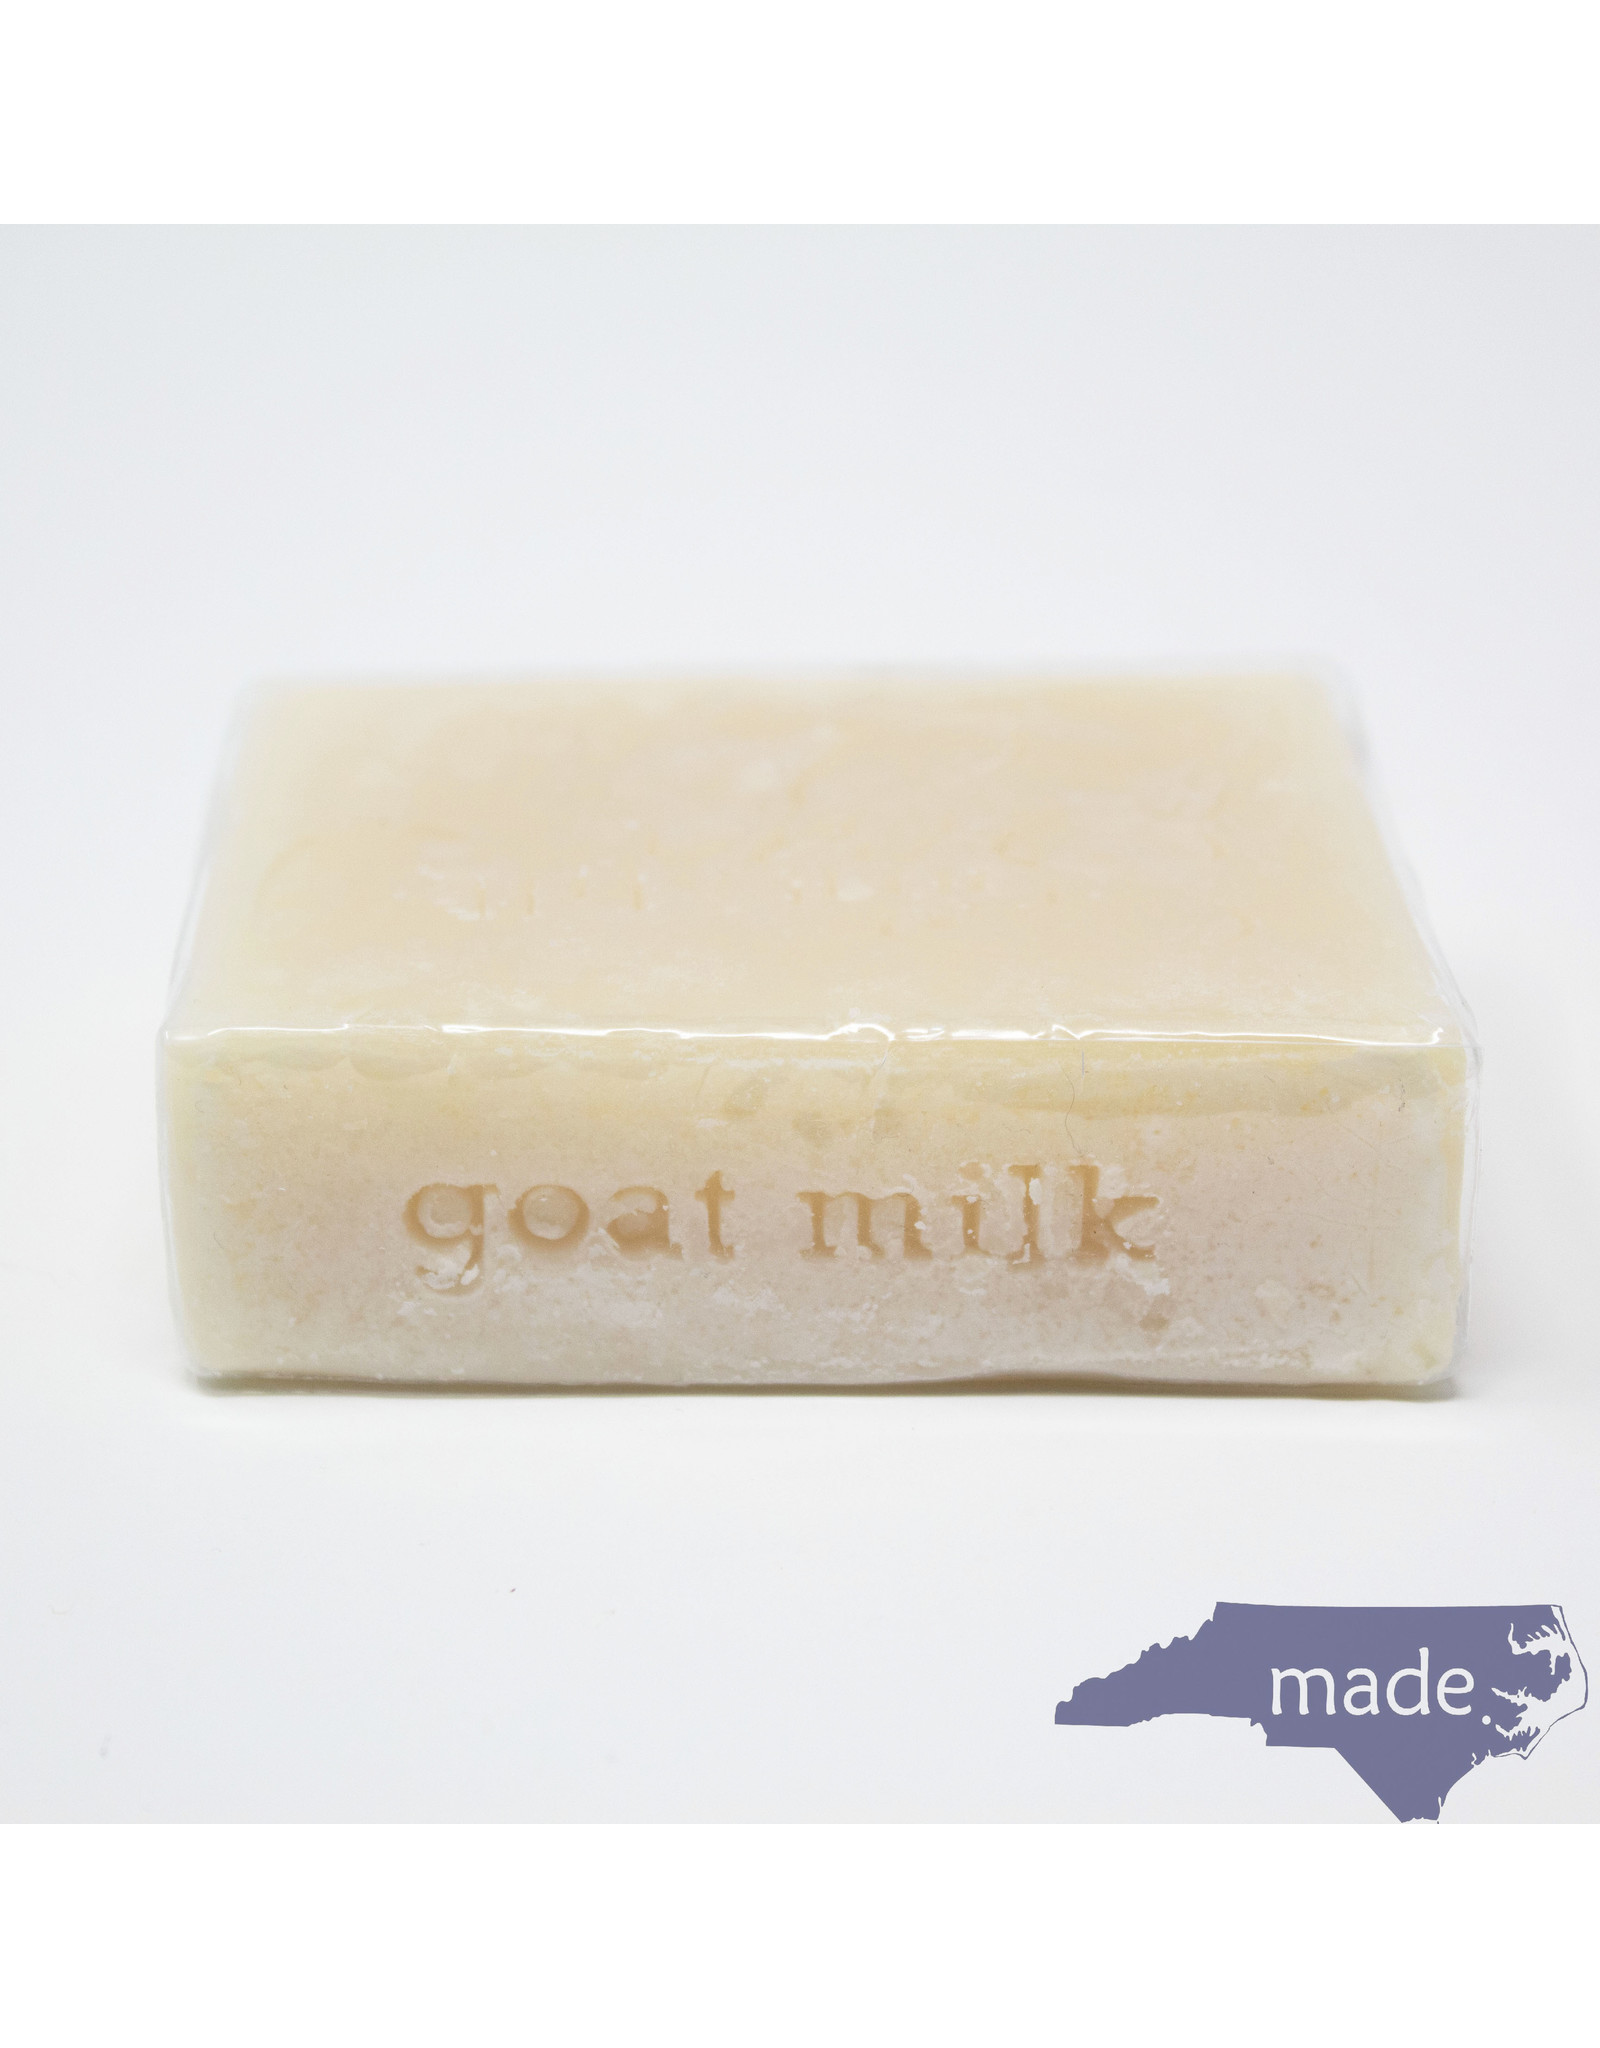 Carolina Shores Natural Soap The Goat Milk Soap - Carolina Shores